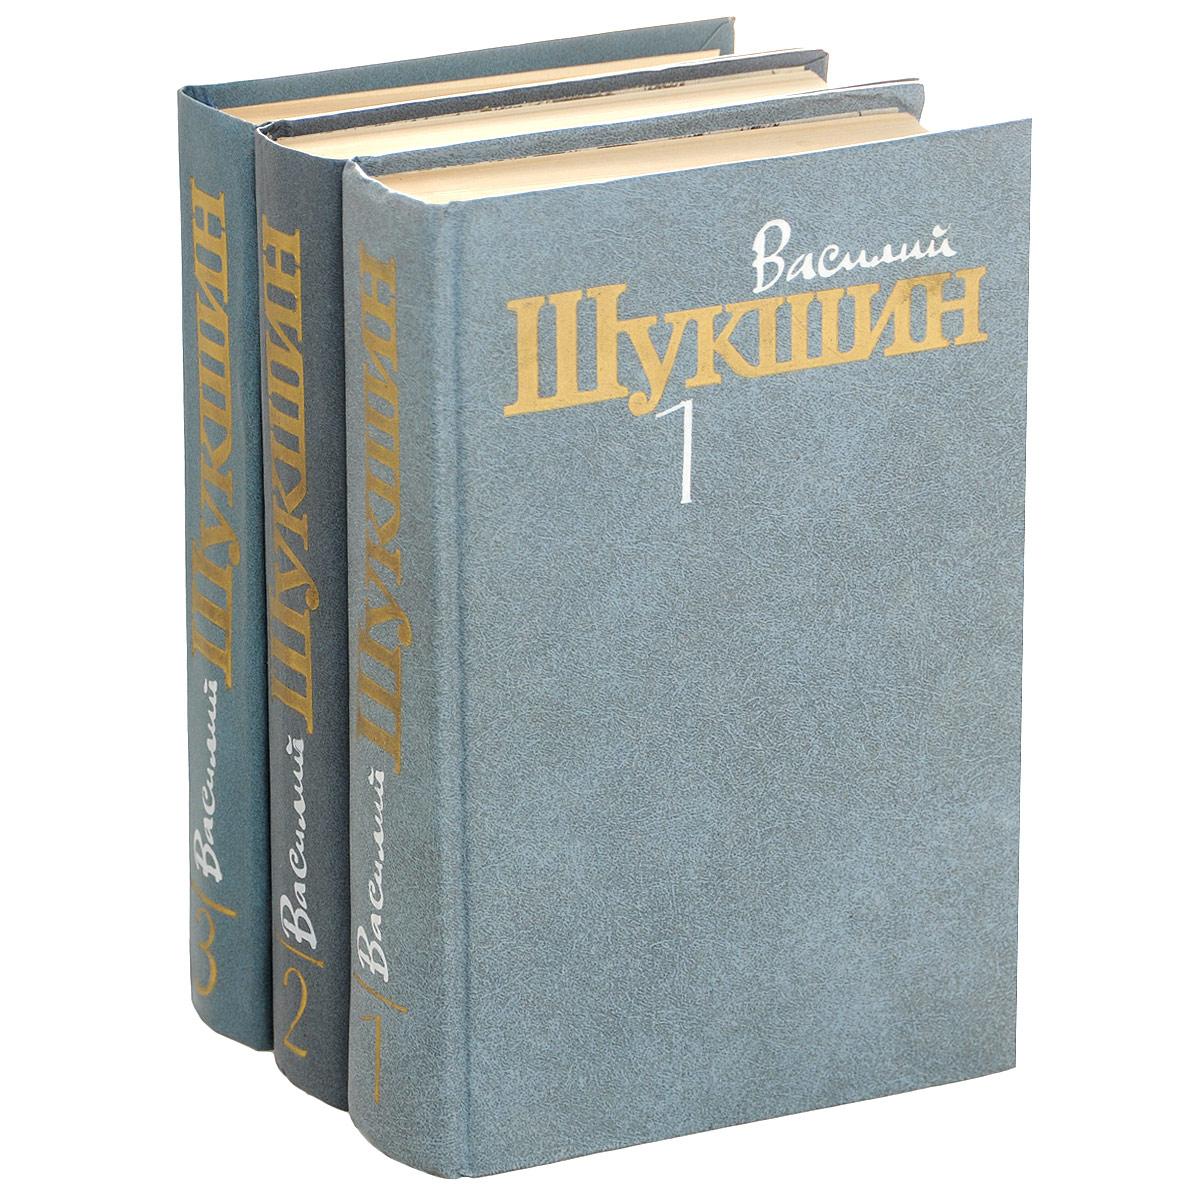 Василий Шукшин Василий Шукшин. Собрание сочинений в 3 томах (комплект из 3 книг)